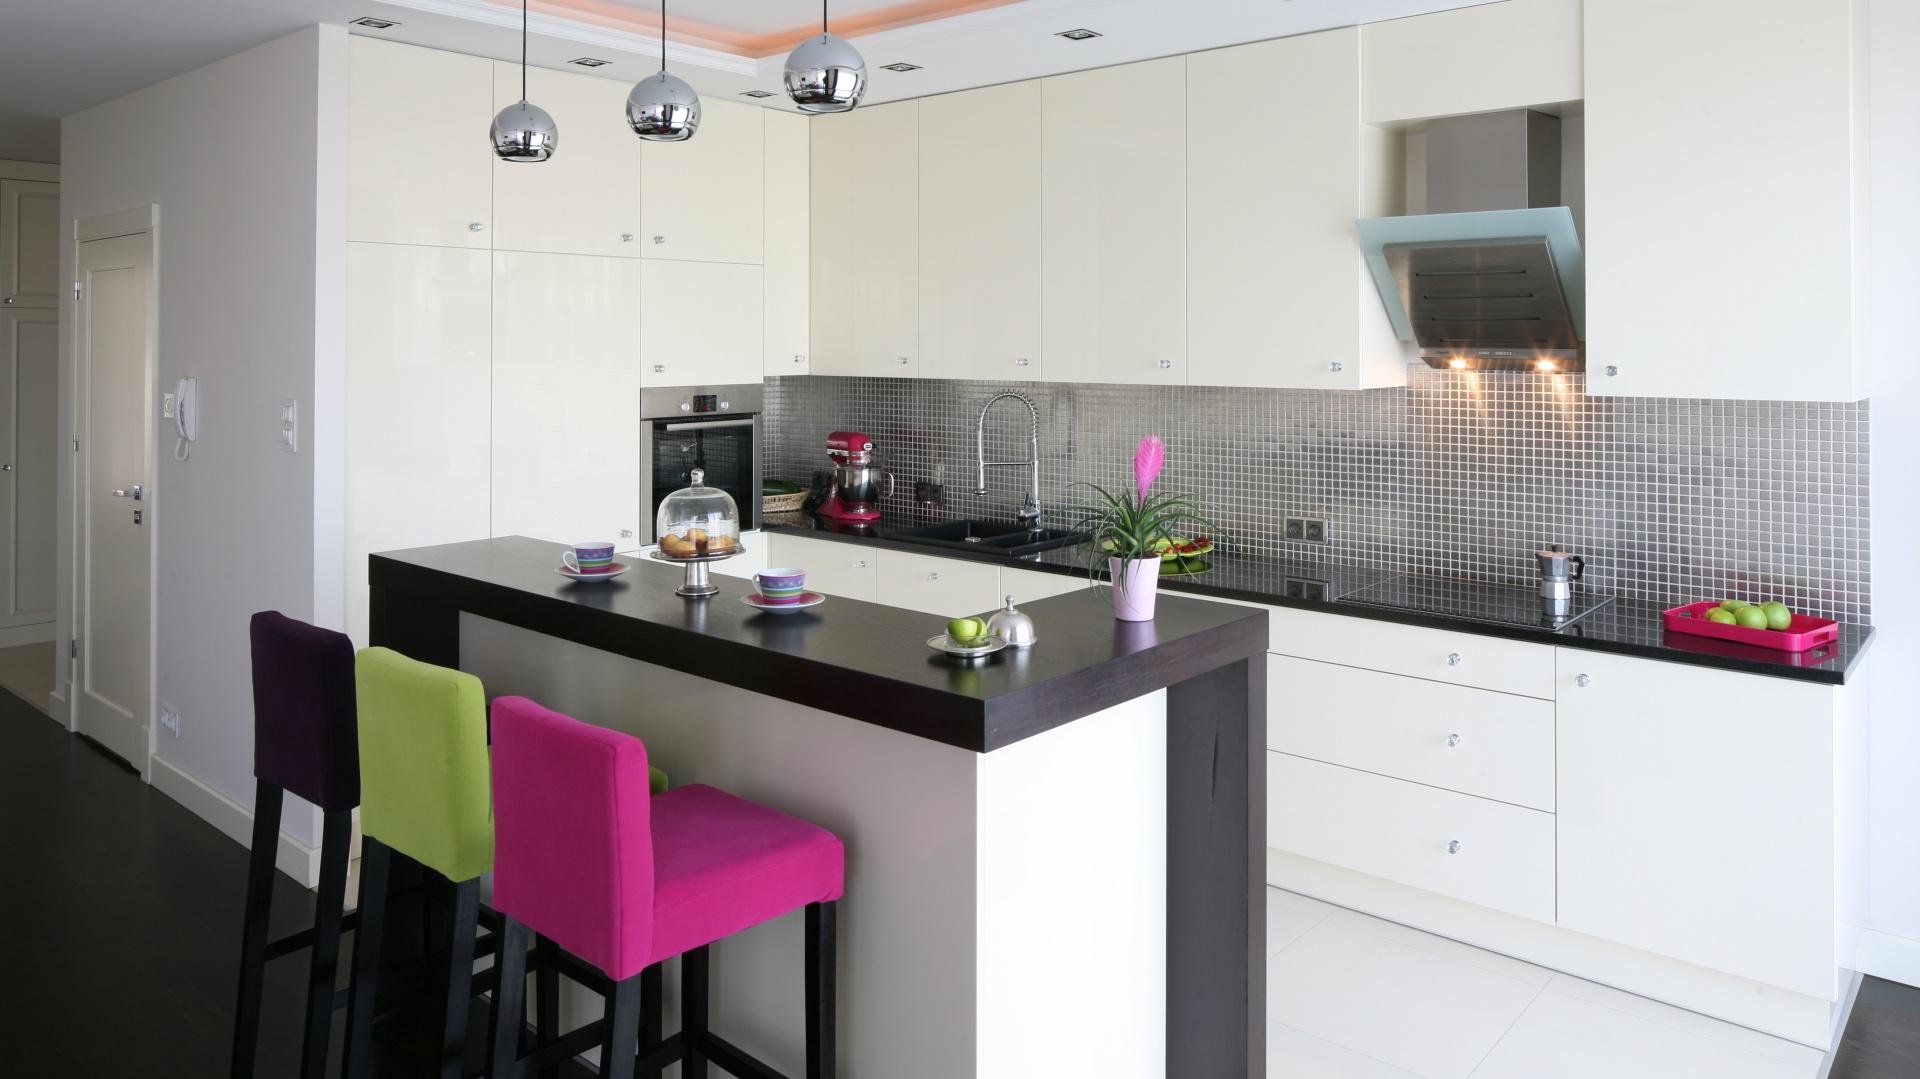 Wyspa kuchenna na granicy Kuchnia otwarta na salon radzimy jak ją urząd   -> Kuchnia Otwarta Na Salon Jak Urządzić